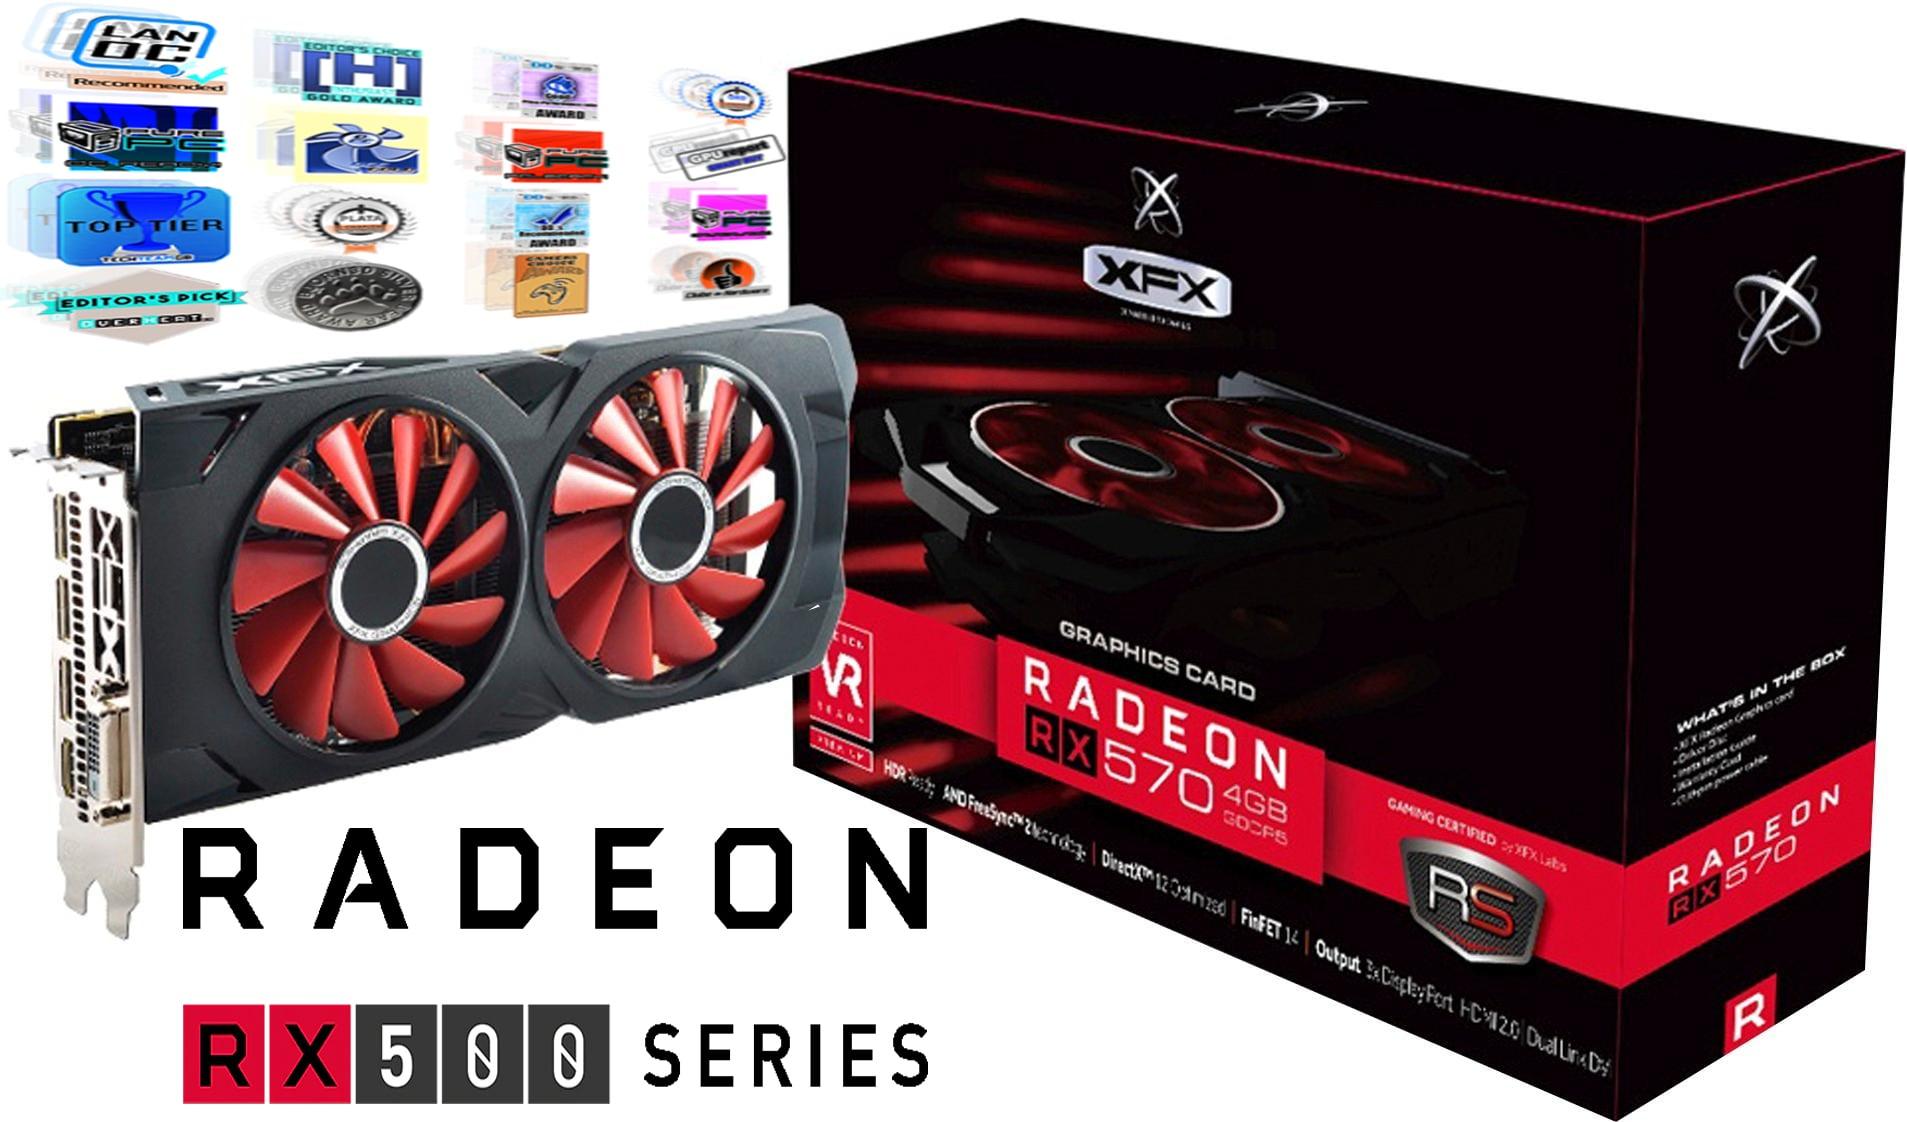 کارت گرافیک ایکس اف ایکس ار ایکس XFX Radeon RX 570 4GB